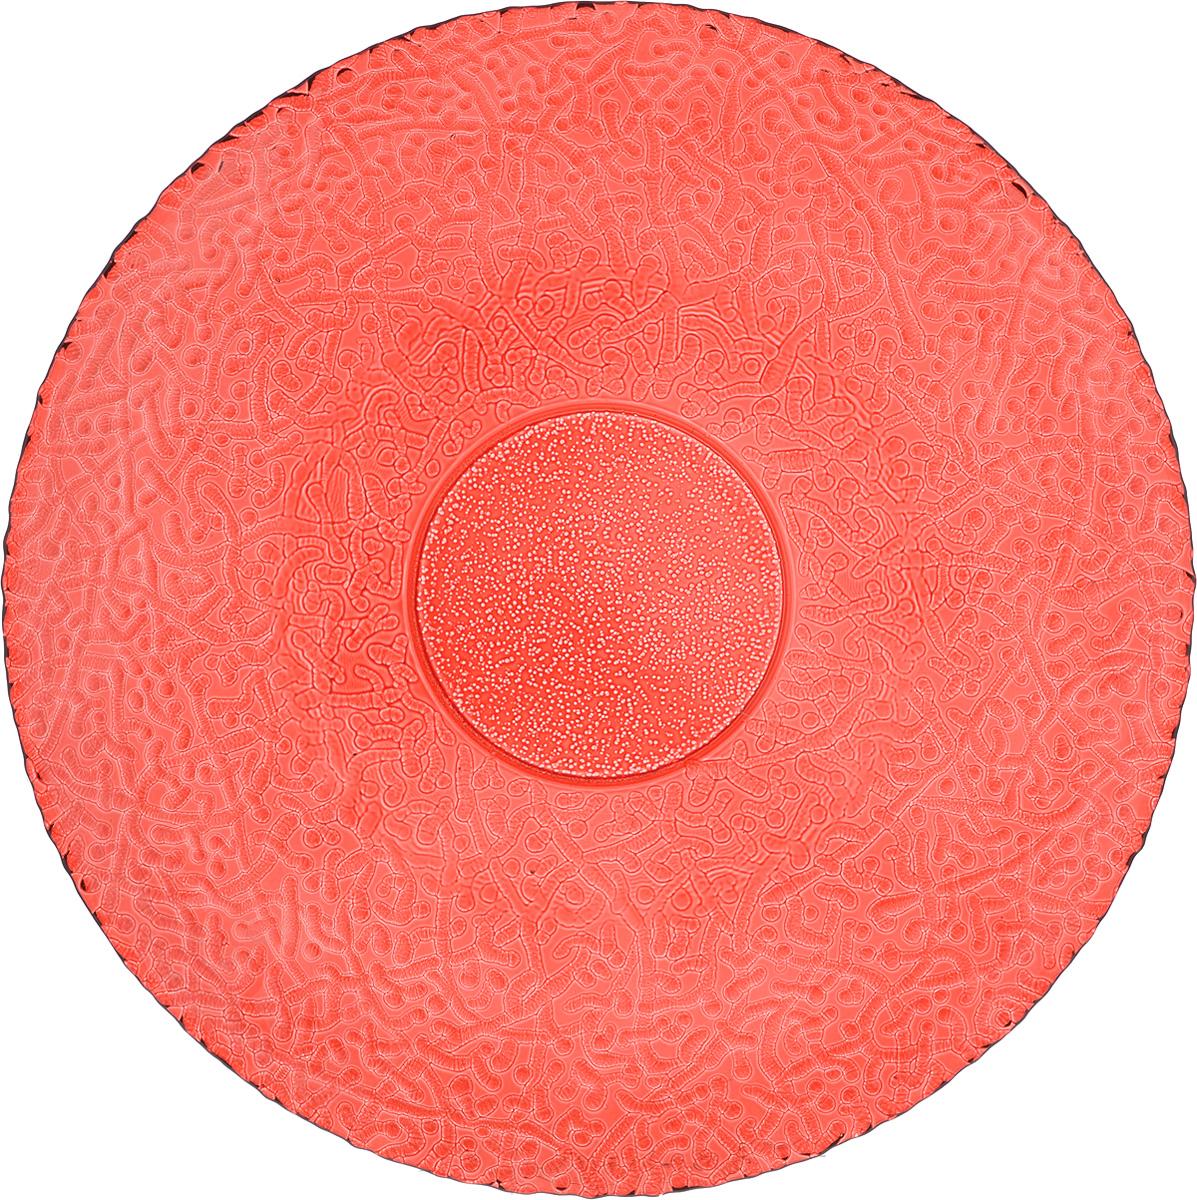 Тарелка NiNaGlass Ажур, цвет: рубиновый, диаметр 26 см83-071-Ф260 РУБТарелка NiNaGlass Ажур выполнена из высококачественного стекла и имеет рельефную внешнюю поверхность. Она прекрасно впишется в интерьер вашей кухни и станет достойным дополнением к кухонному инвентарю. Тарелка NiNaGlass Ажур подчеркнет прекрасный вкус хозяйки и станет отличным подарком.Диаметр тарелки: 26 см.Высота: 3 см.